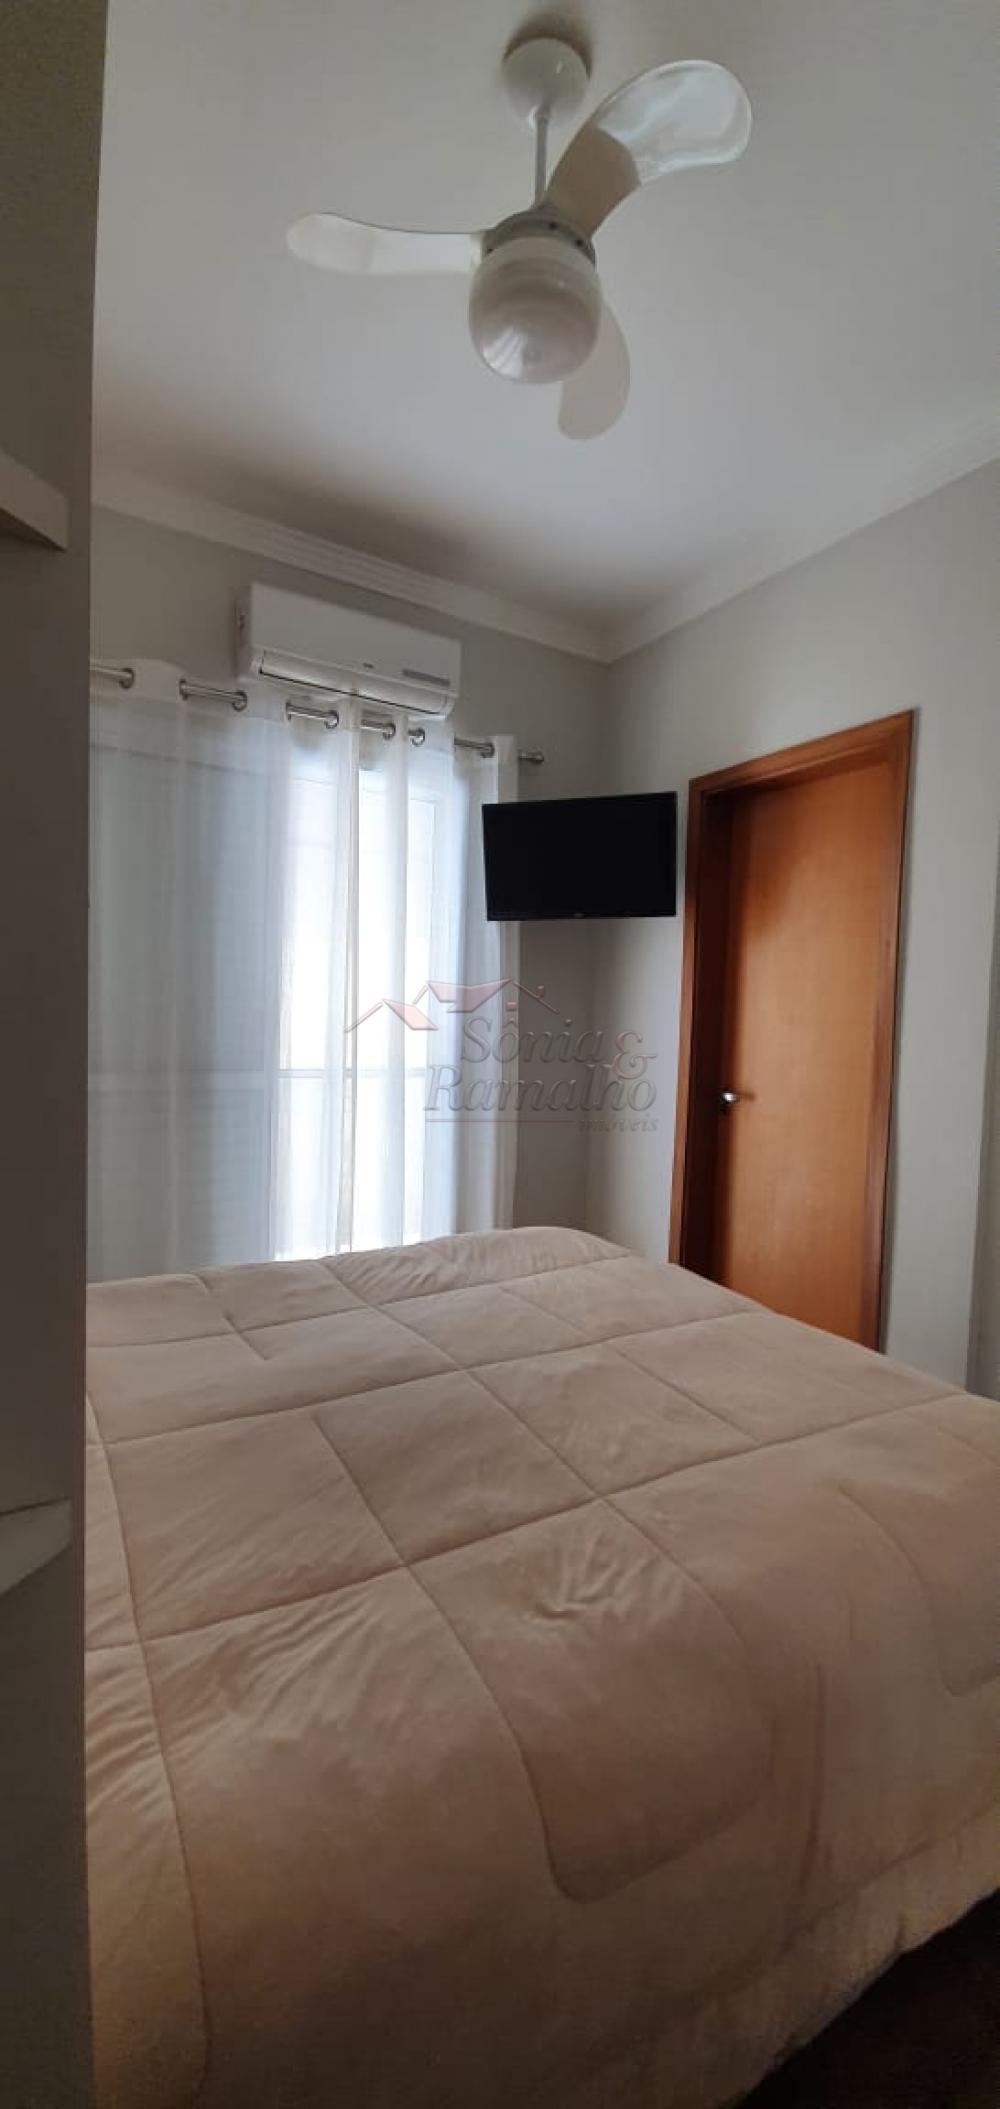 Alugar Apartamentos / Padrão em Ribeirão Preto apenas R$ 777,77 - Foto 20